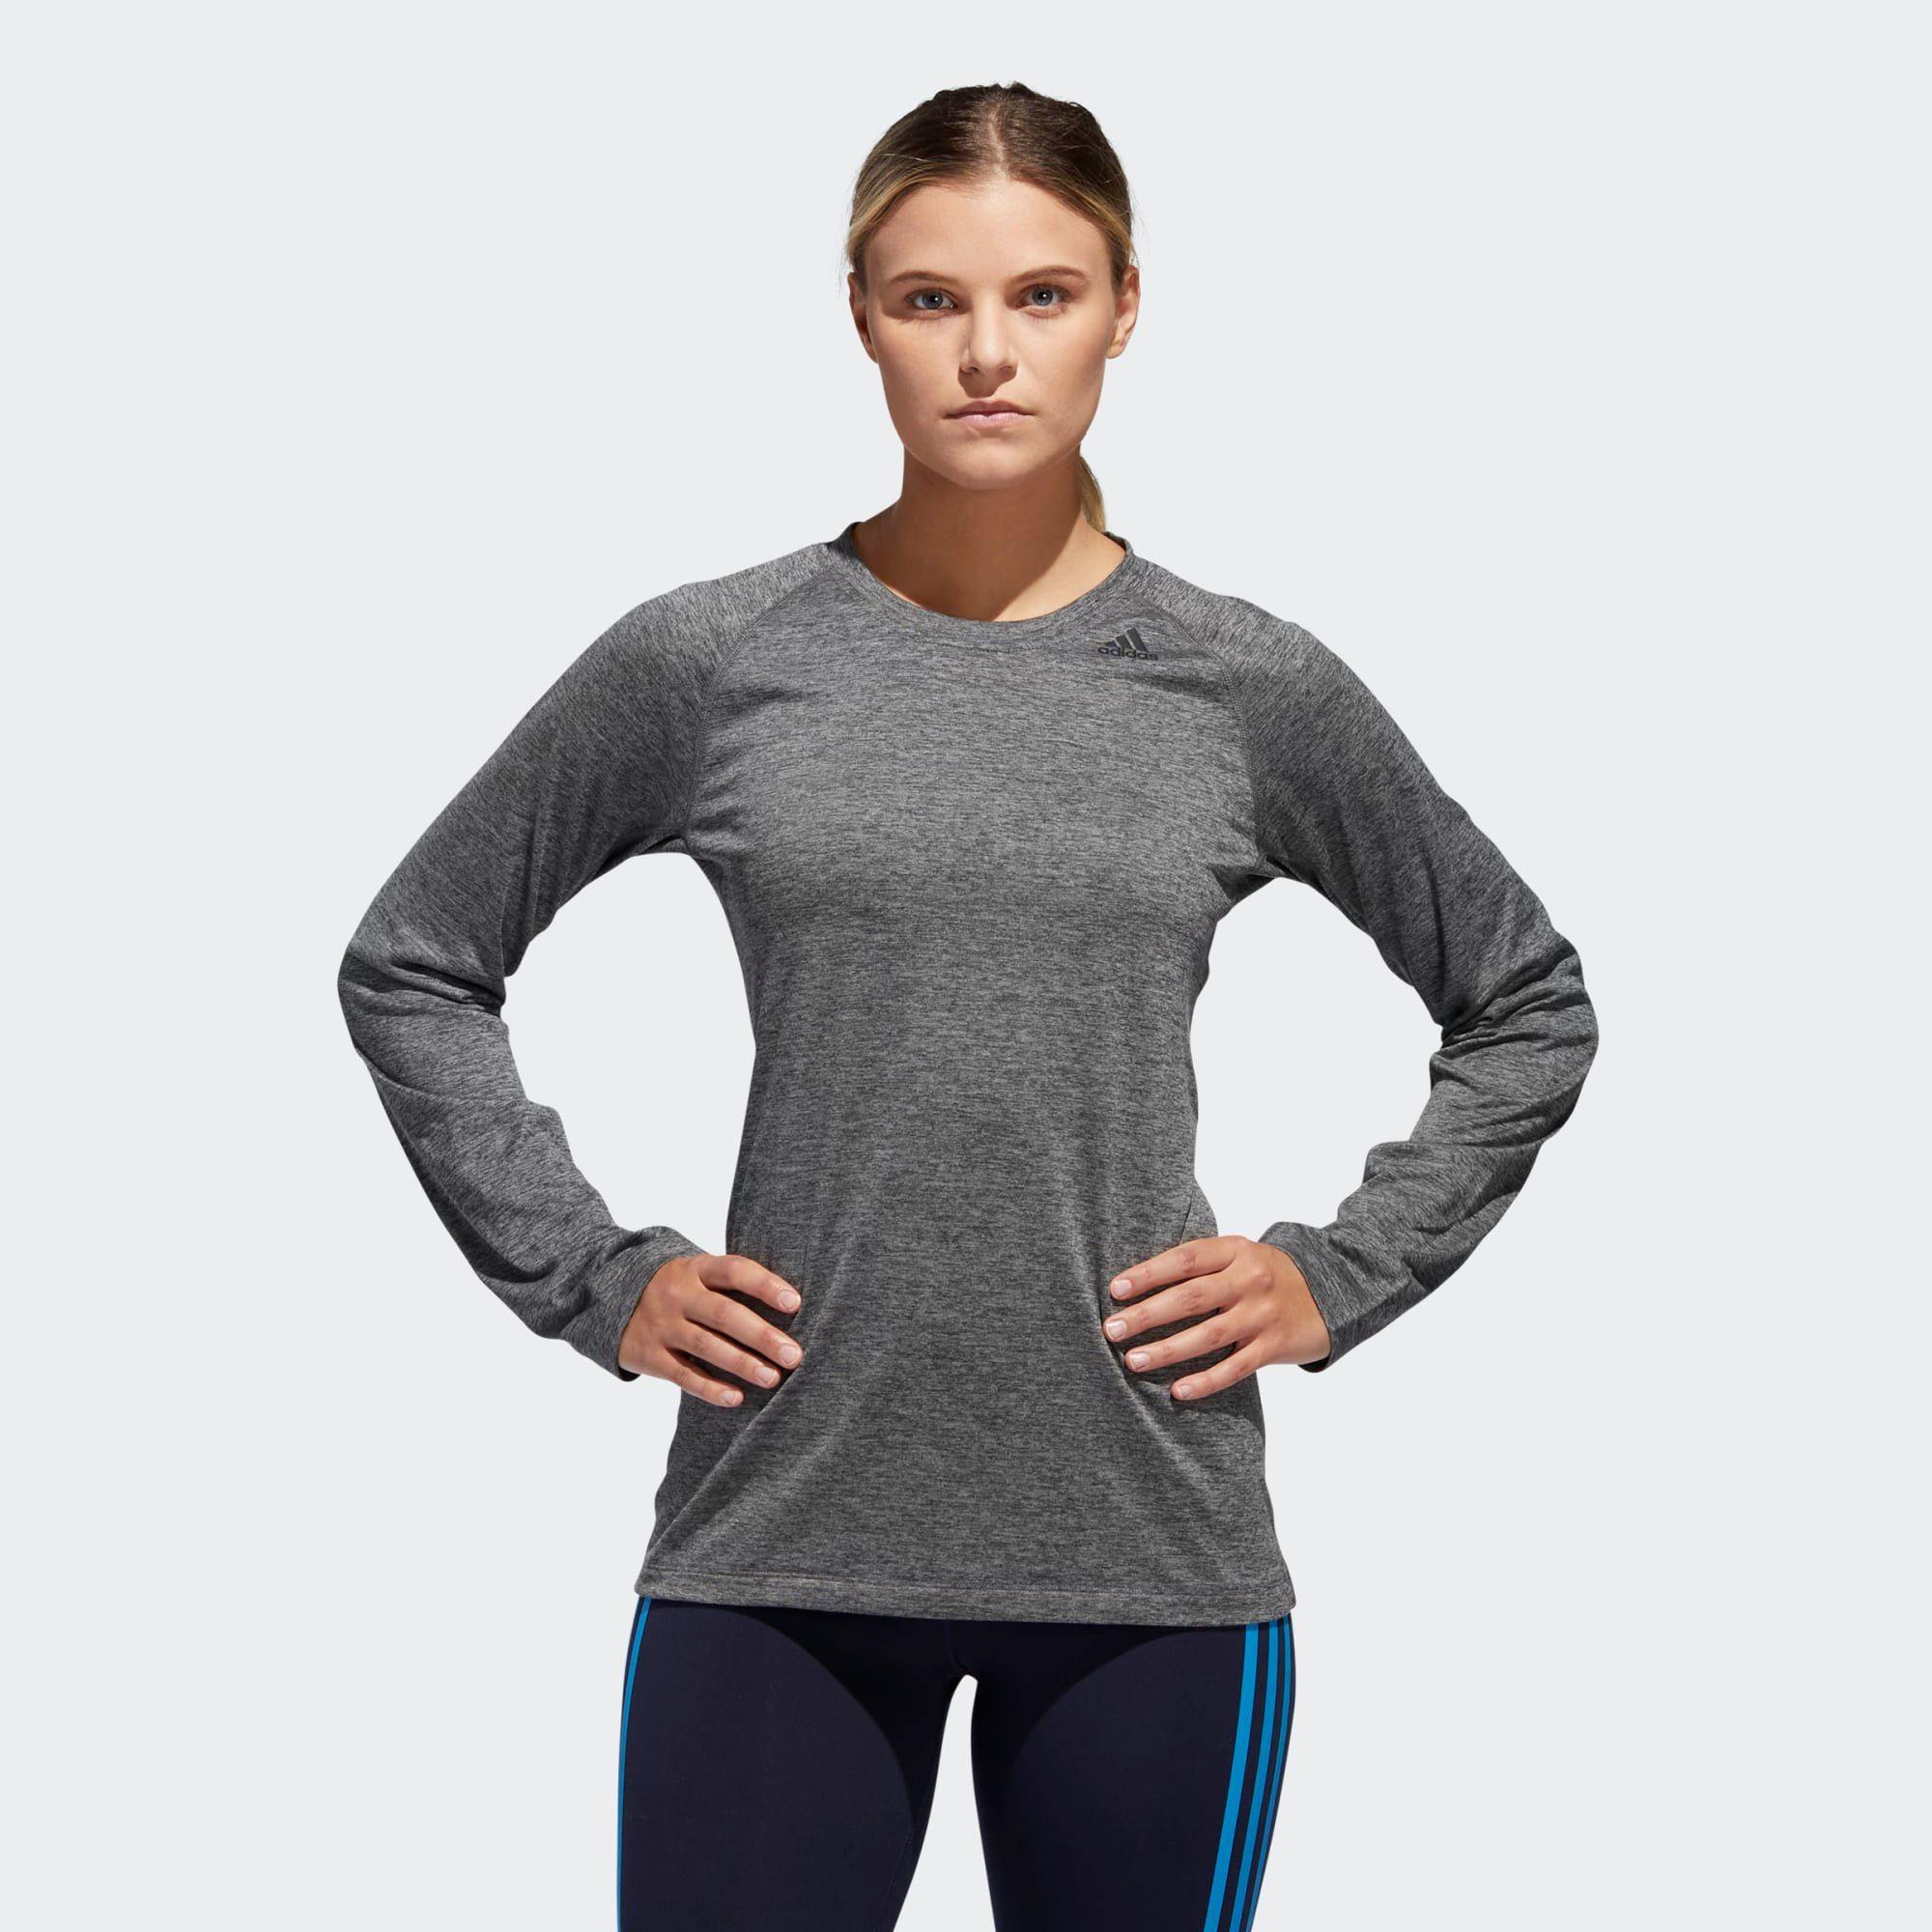 adidas Performance Langarmshirt »Own the Run Longsleeve« Response, Rundhalsausschnitt online kaufen | OTTO